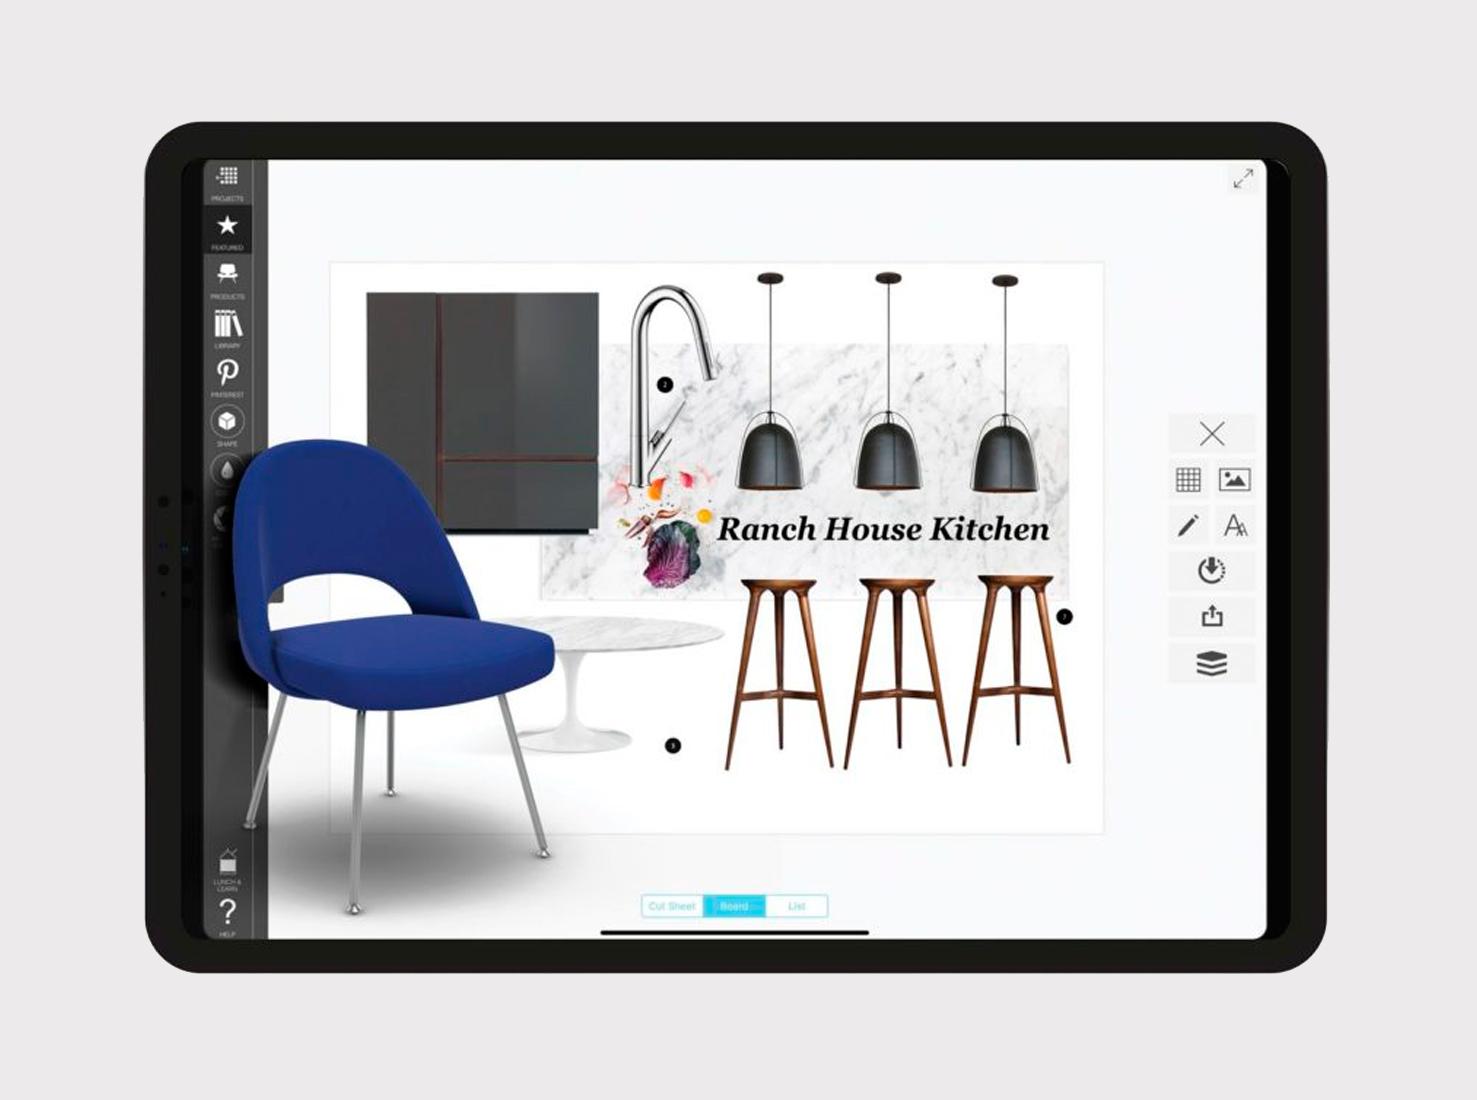 приложения для дизайна интерьера фото